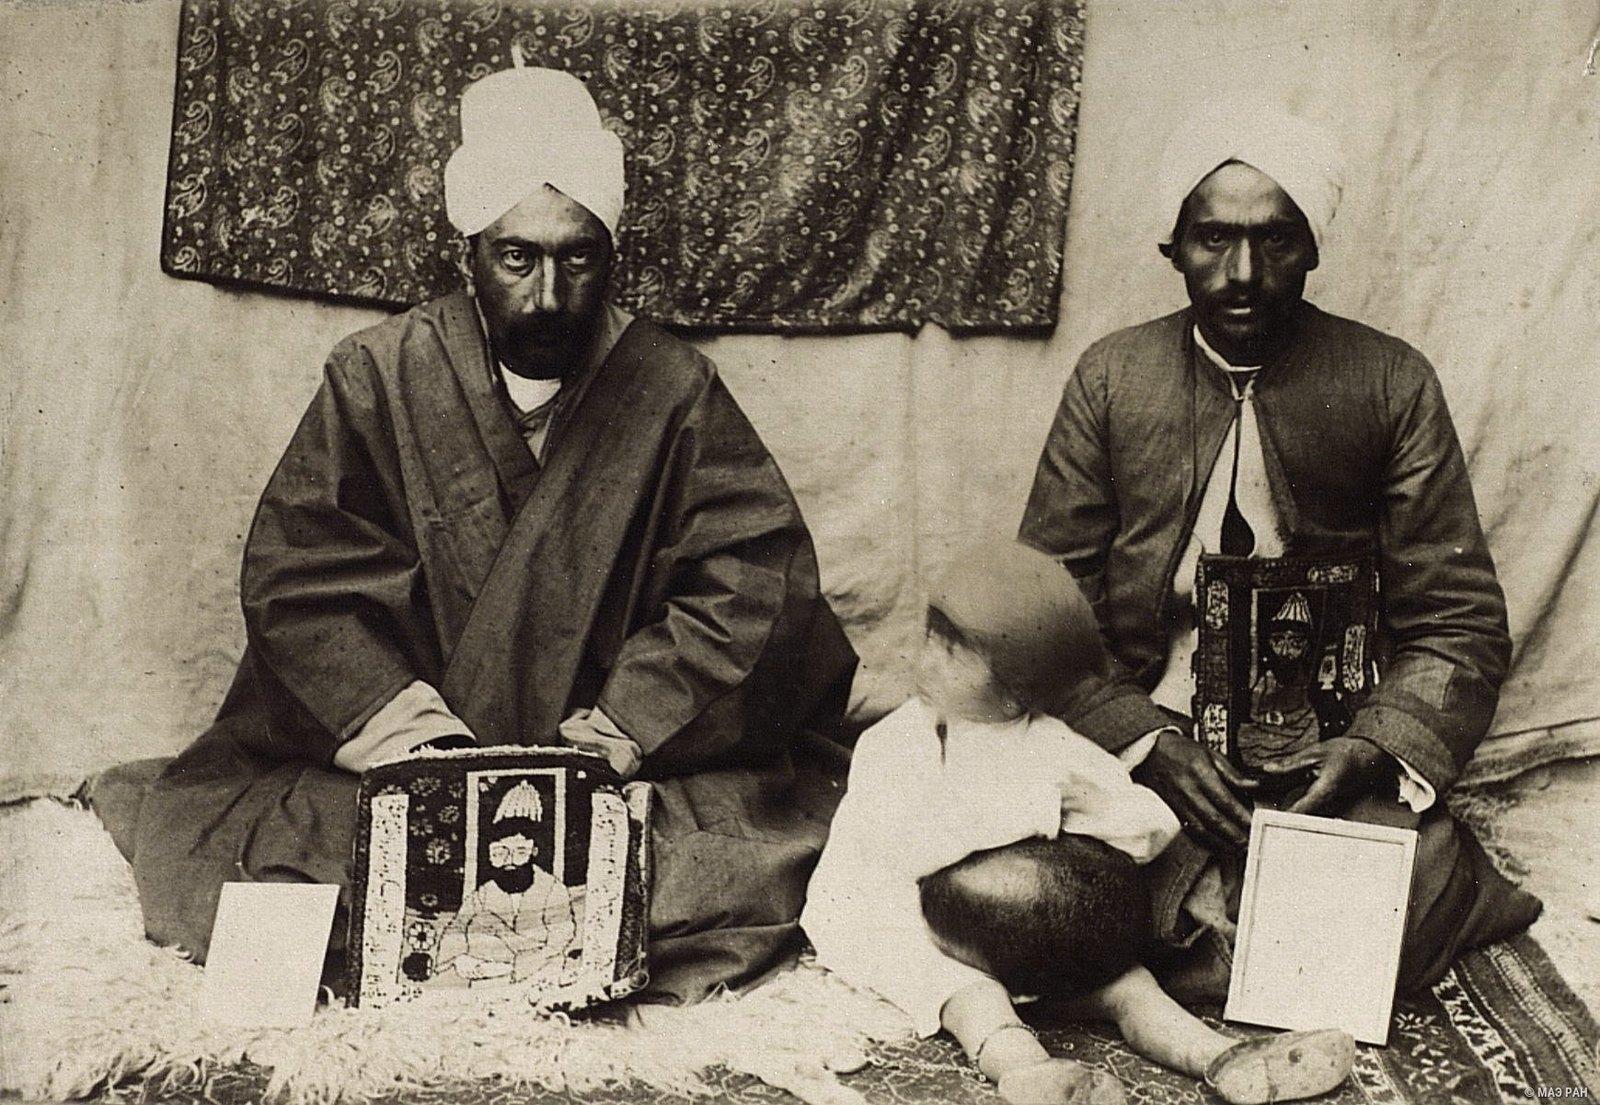 Слева - Хаджи Мухамад Ибрахим Ширази, мурид (глава) дервишей Кермана